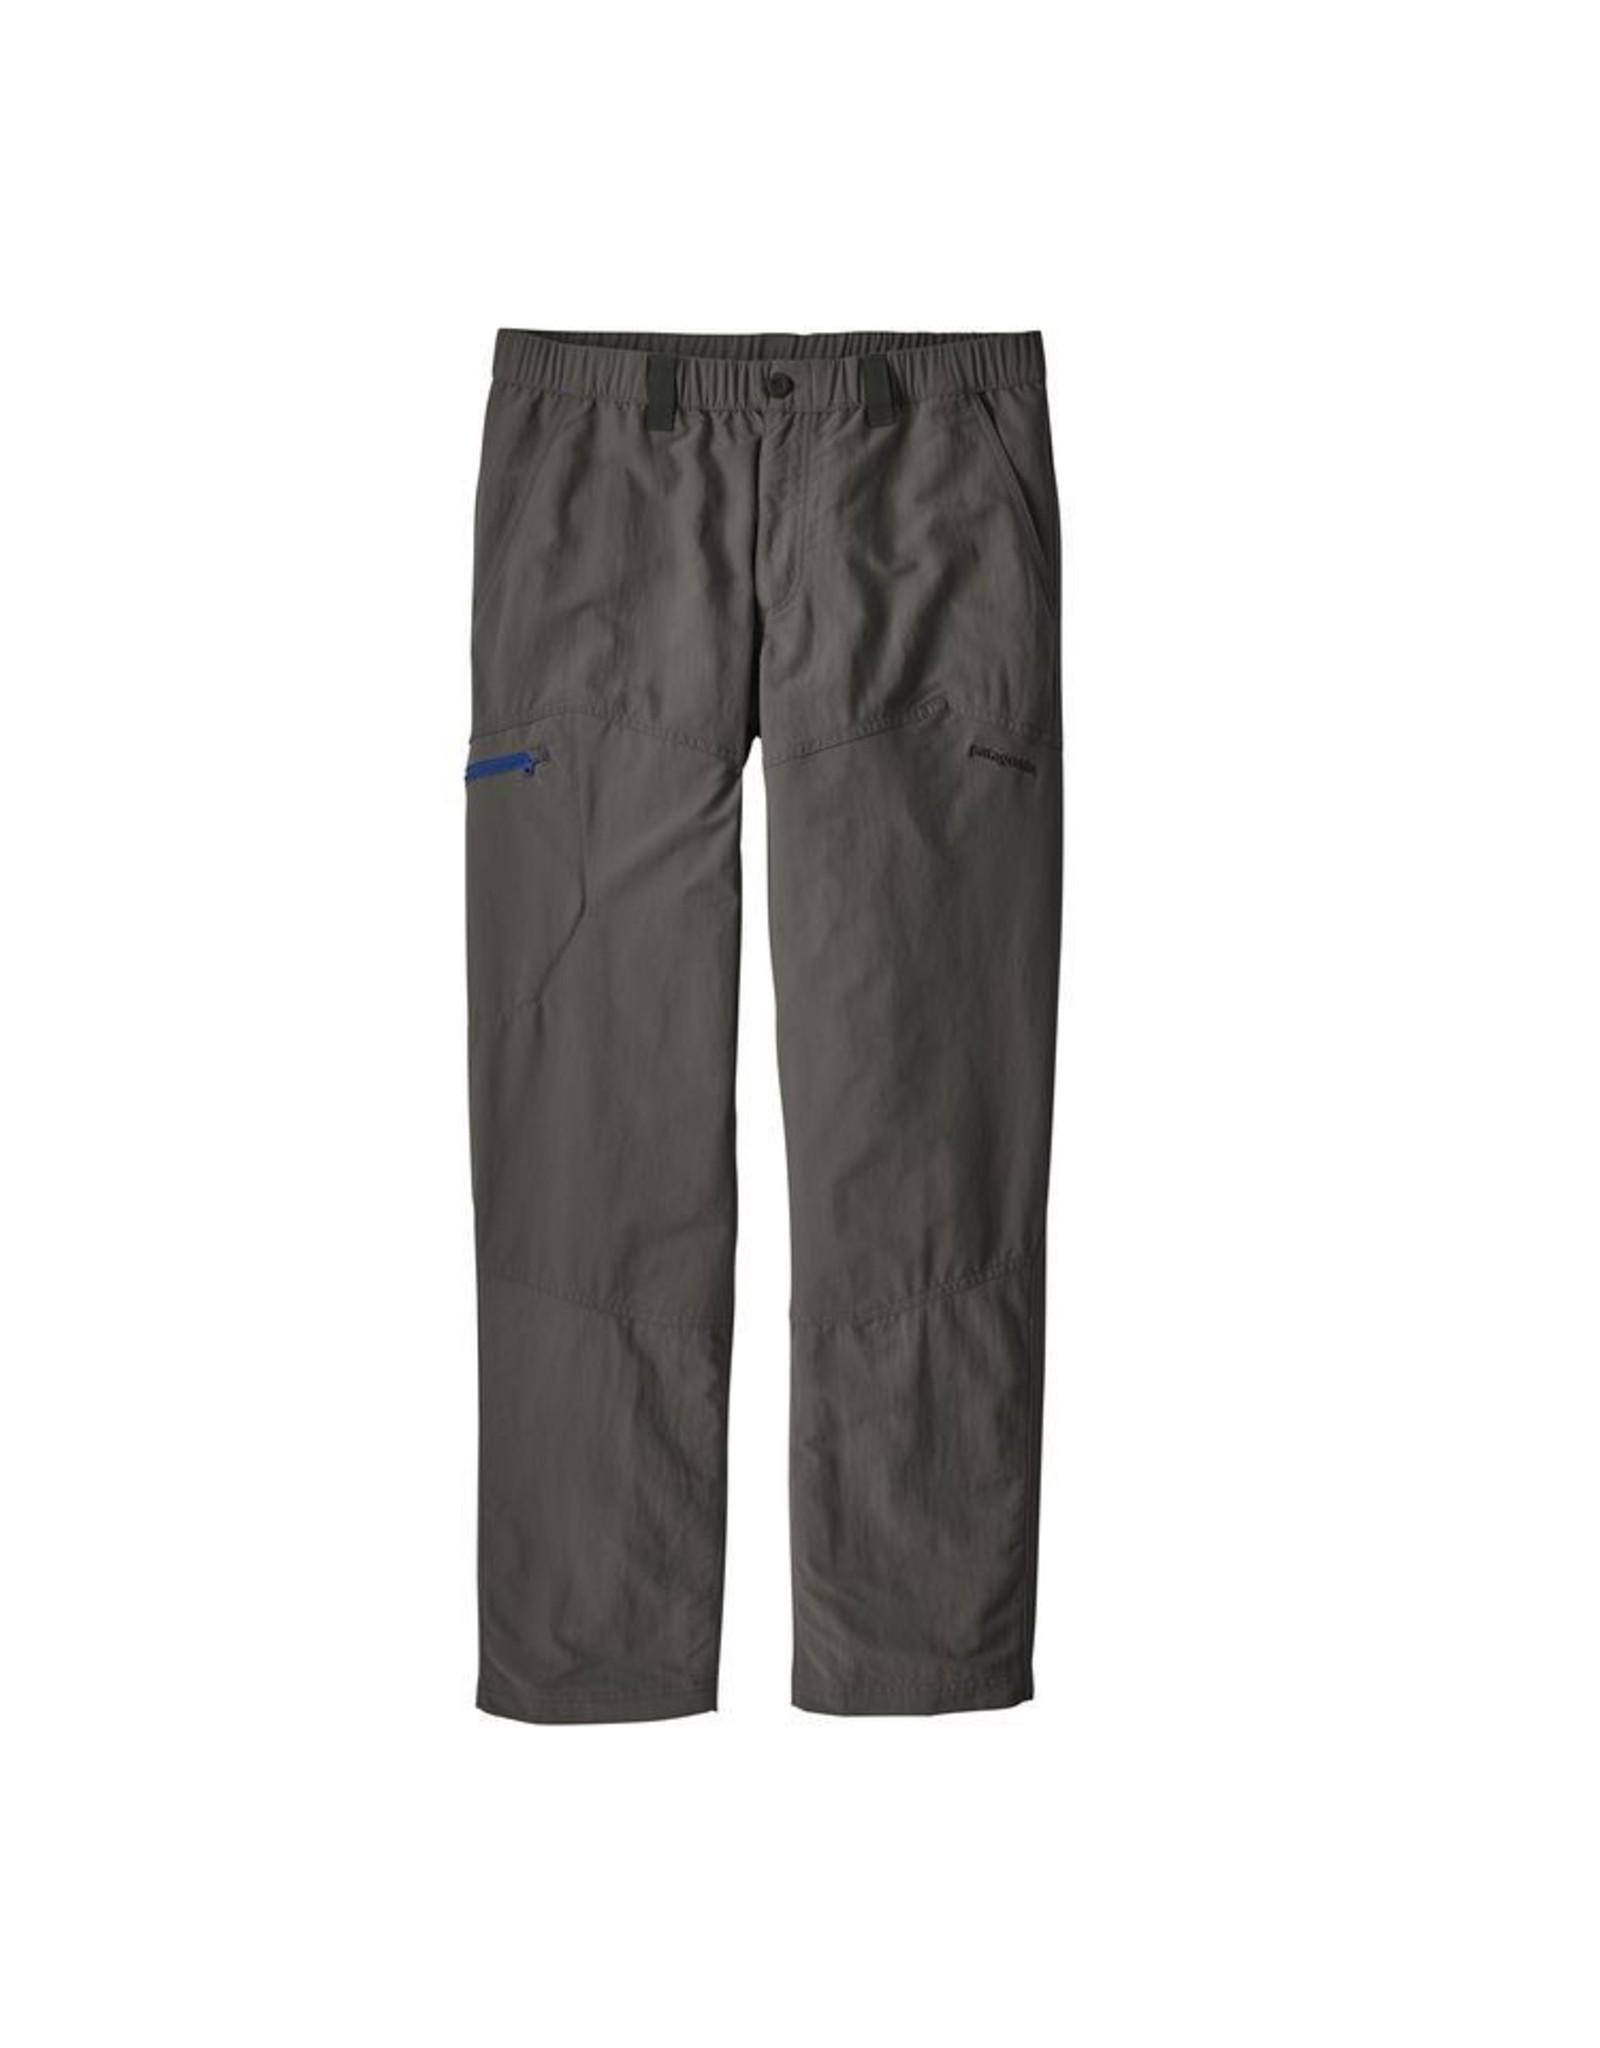 Patagonia Patagonia Men's Guidewater II Pants